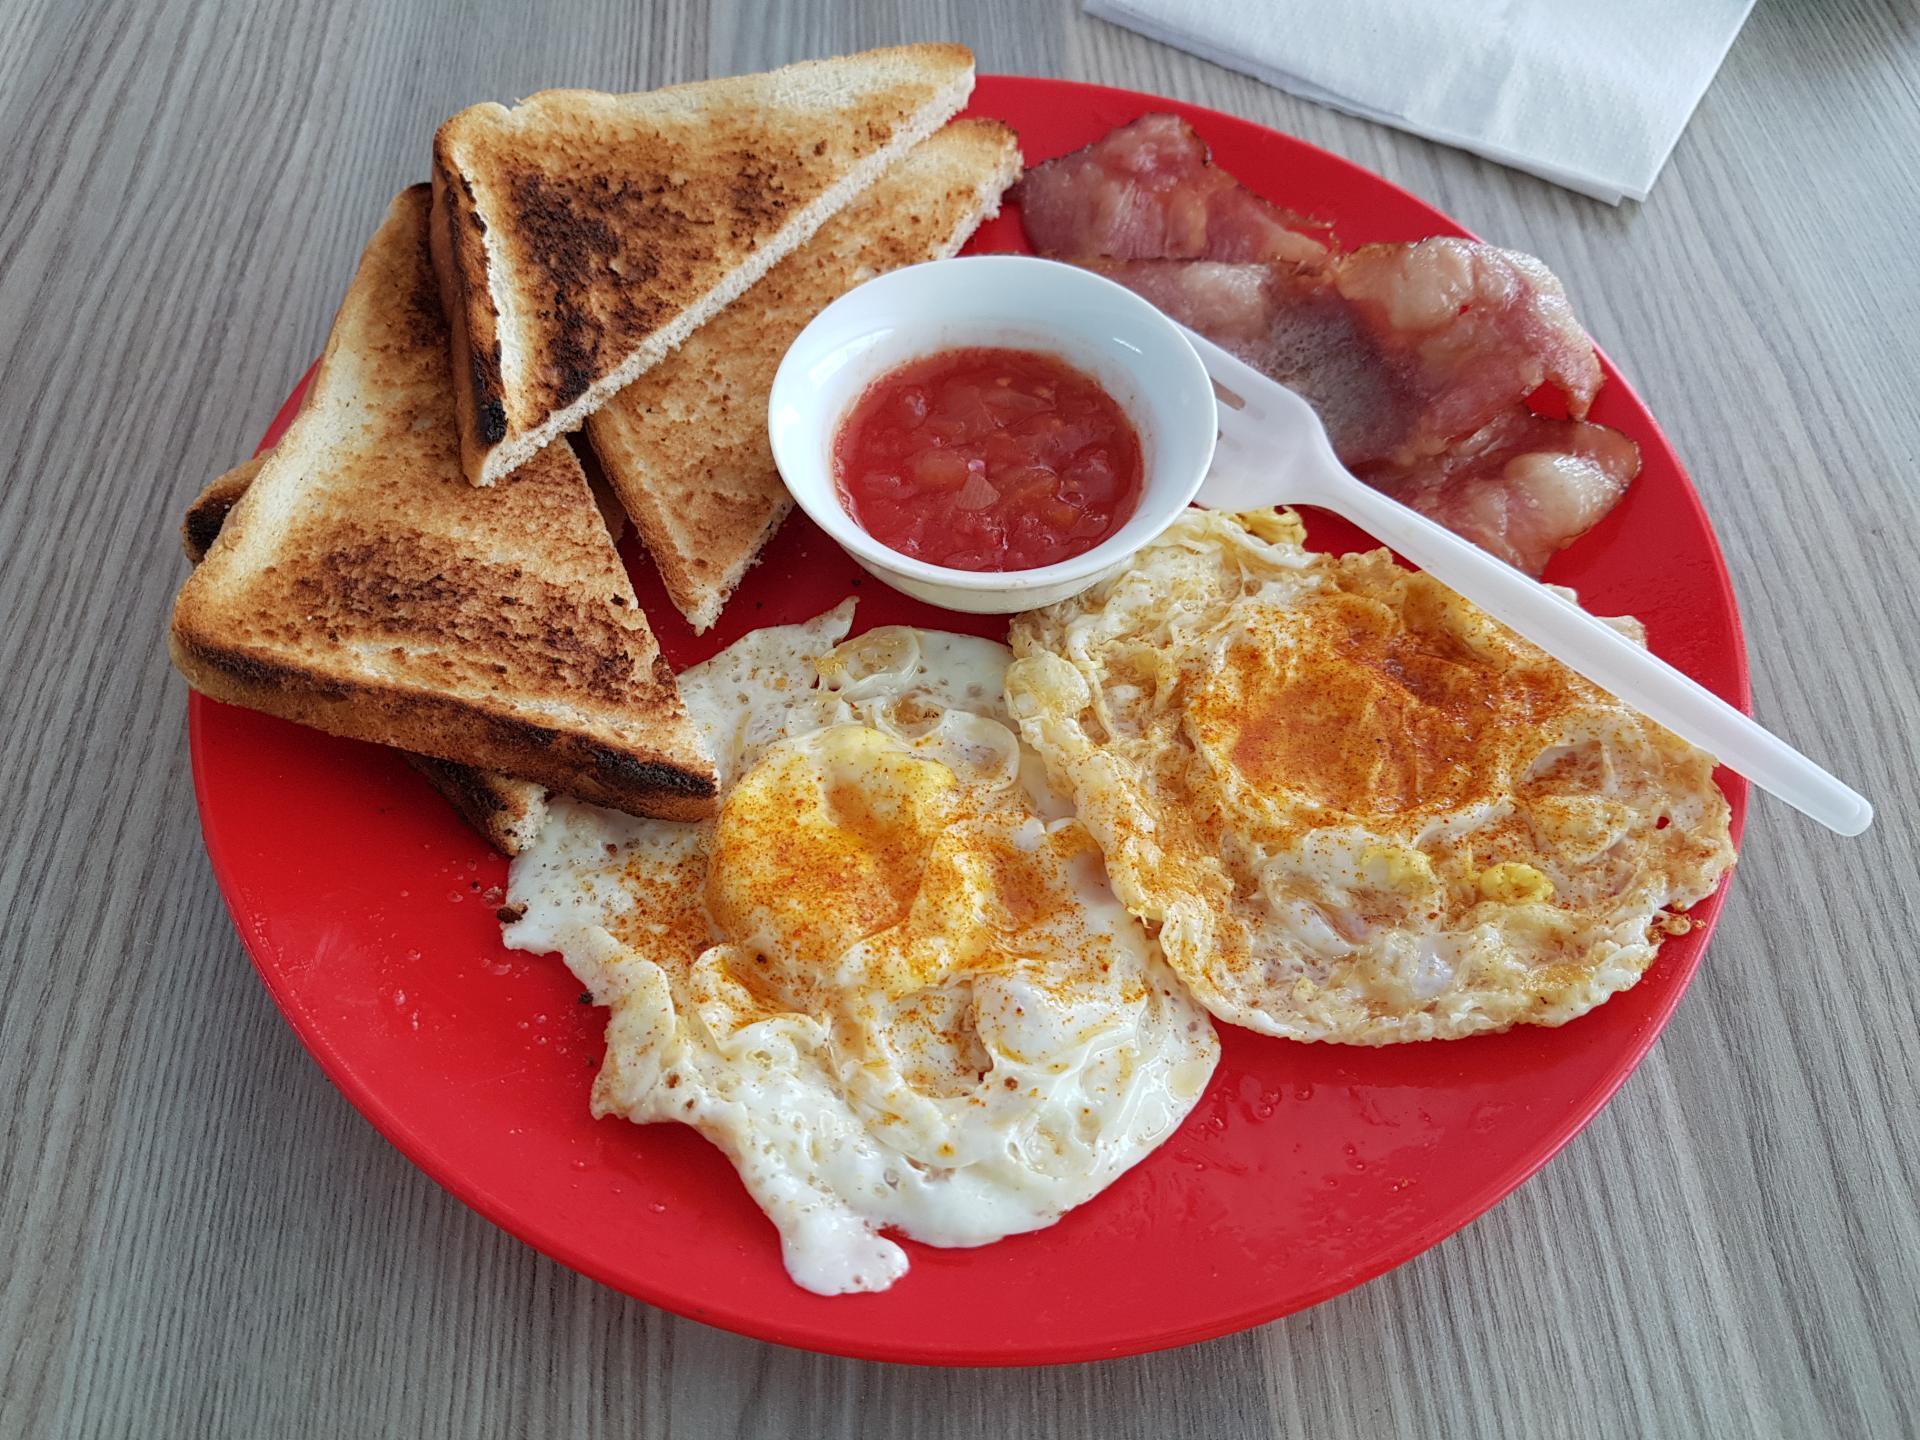 английский завтрак в Порт-Элизабет